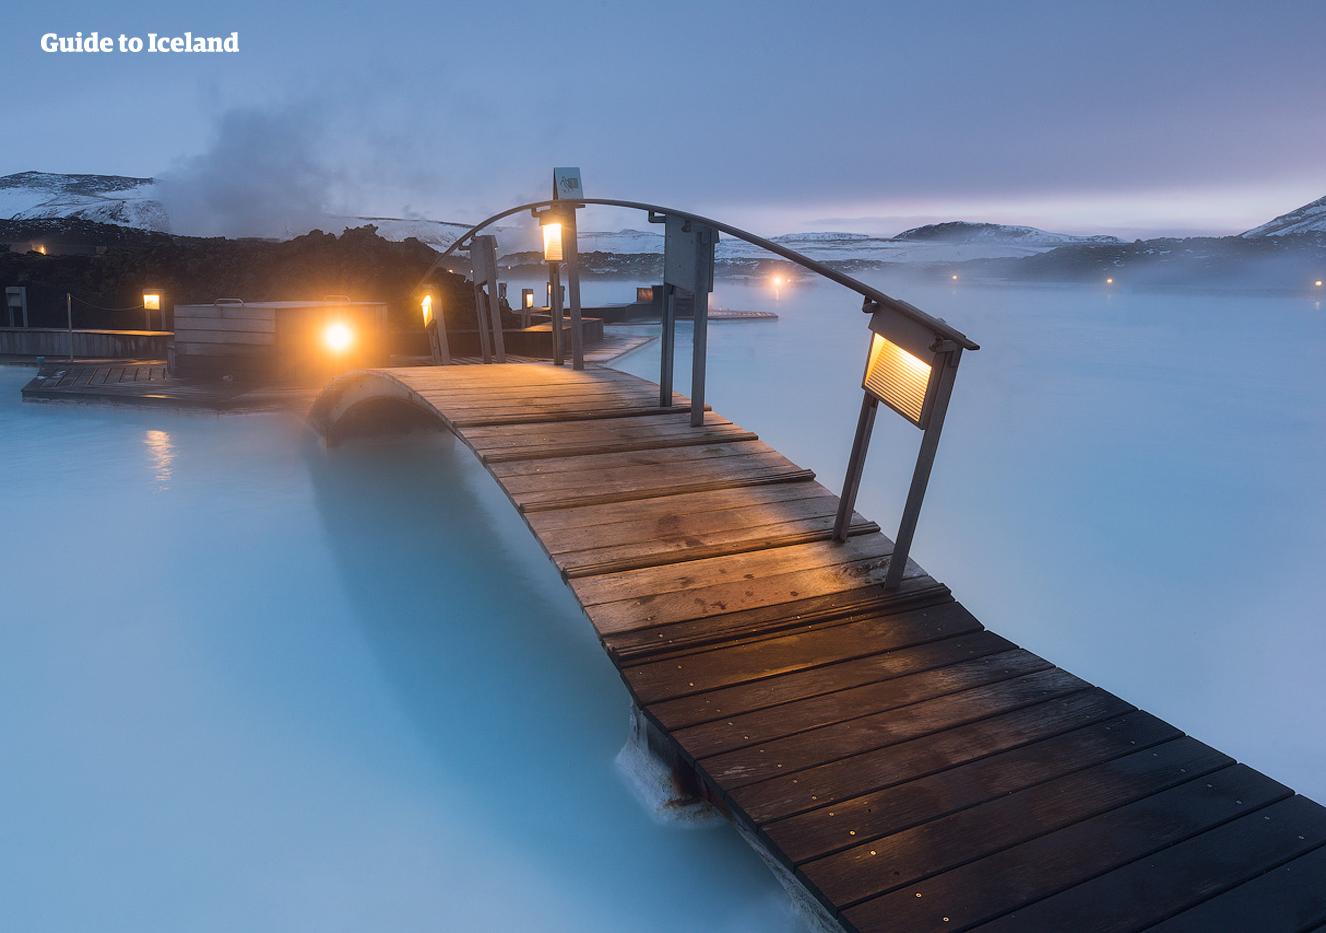 El faro más antiguo de Islandia se encuentra en la península de Reykjanes, y se llama Reykjanesvíti.